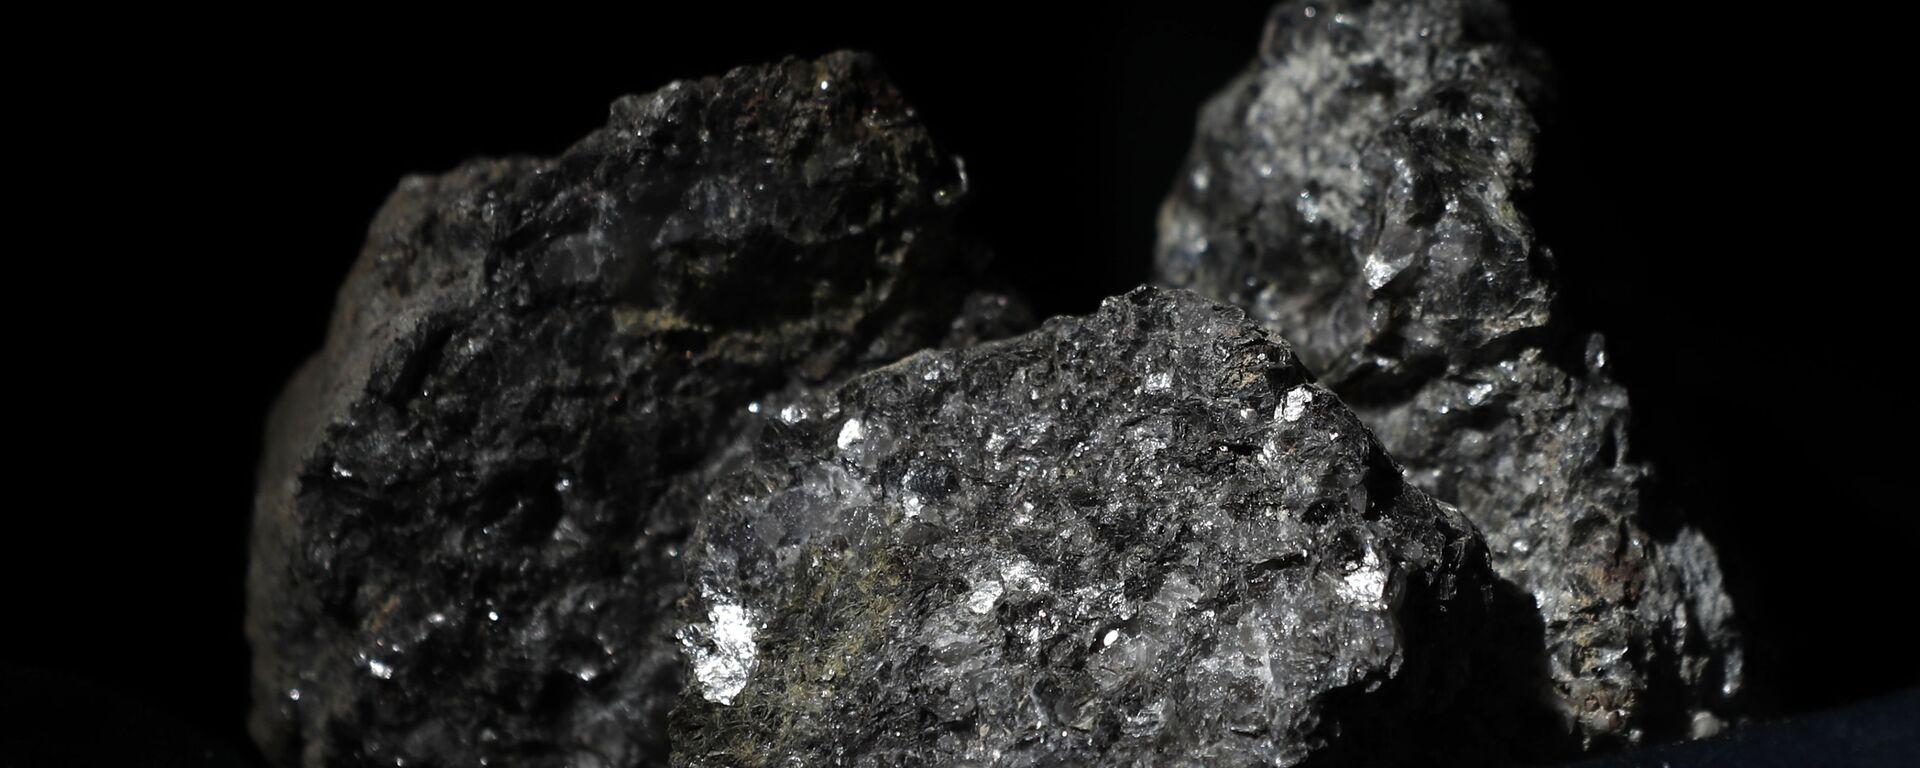 Partículas de litio brillan en la superficie de un mineral  - Sputnik Mundo, 1920, 08.10.2020